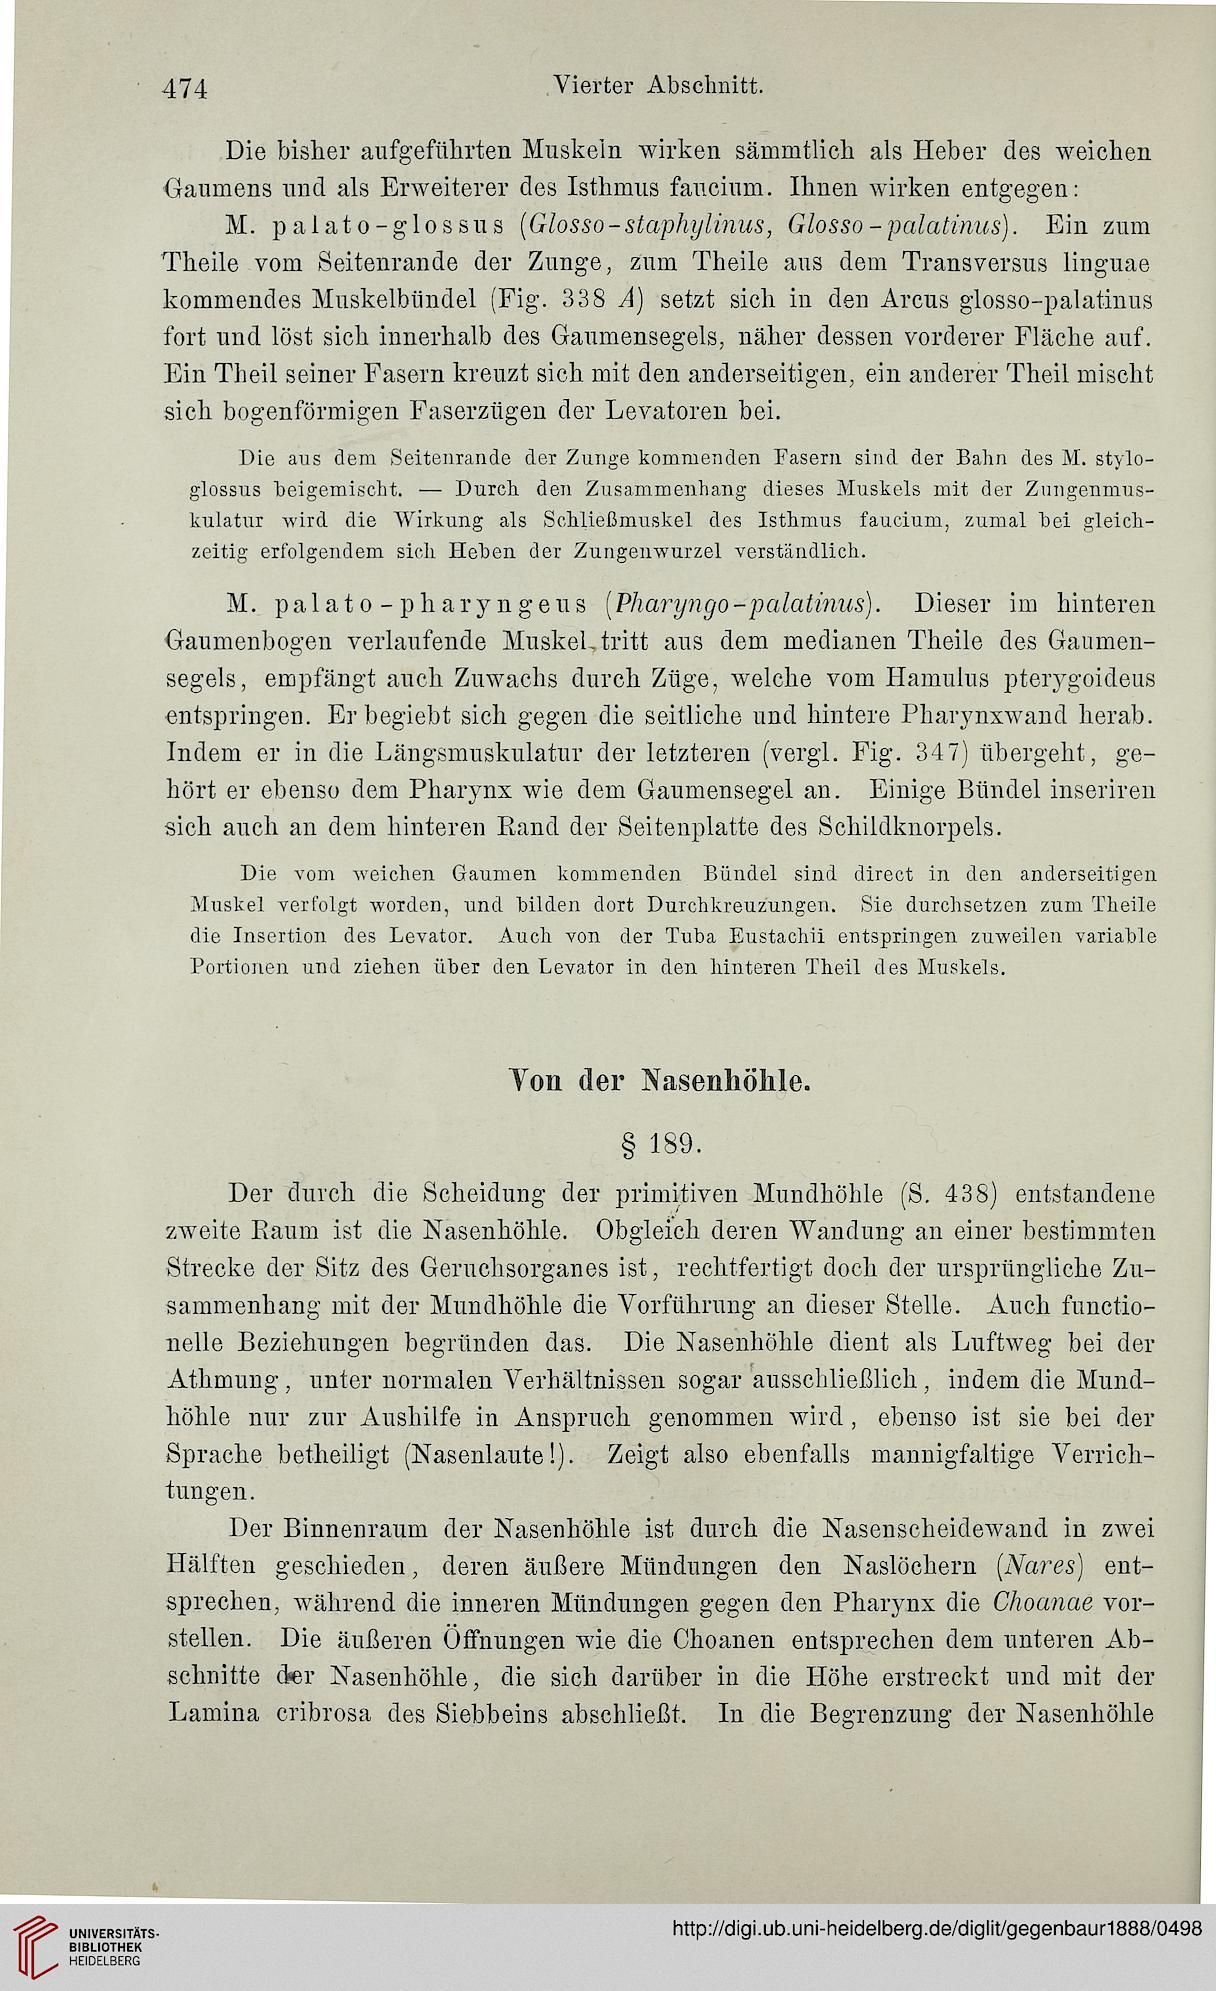 Gegenbaur, Carl: Lehrbuch der Anatomie des Menschen (Leipzig, 1888)